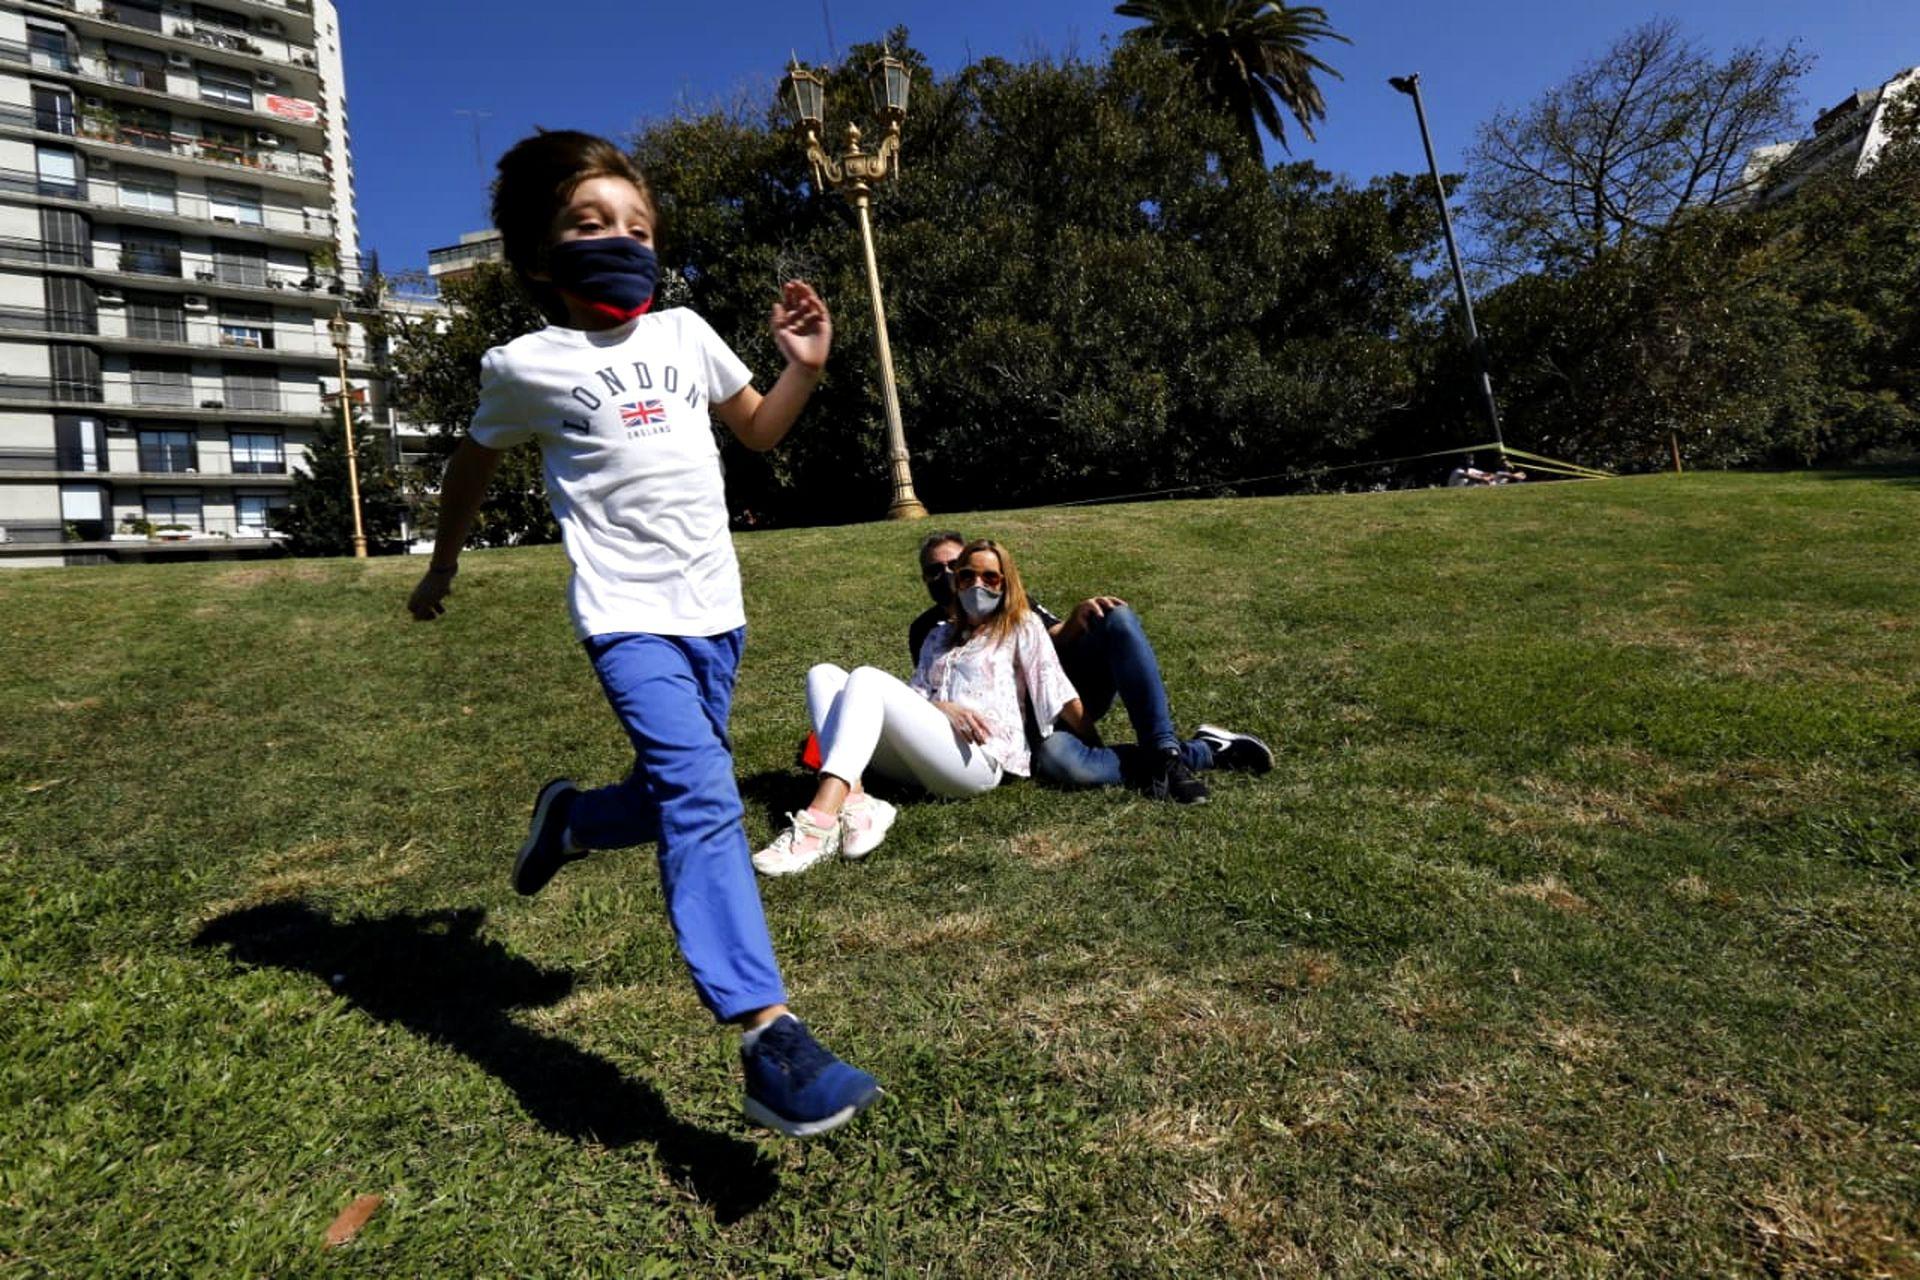 Desde hoy y solo durante los fines de semana, los menores de 16 años están habilitados para salir a hacer paseos recreativos cortos